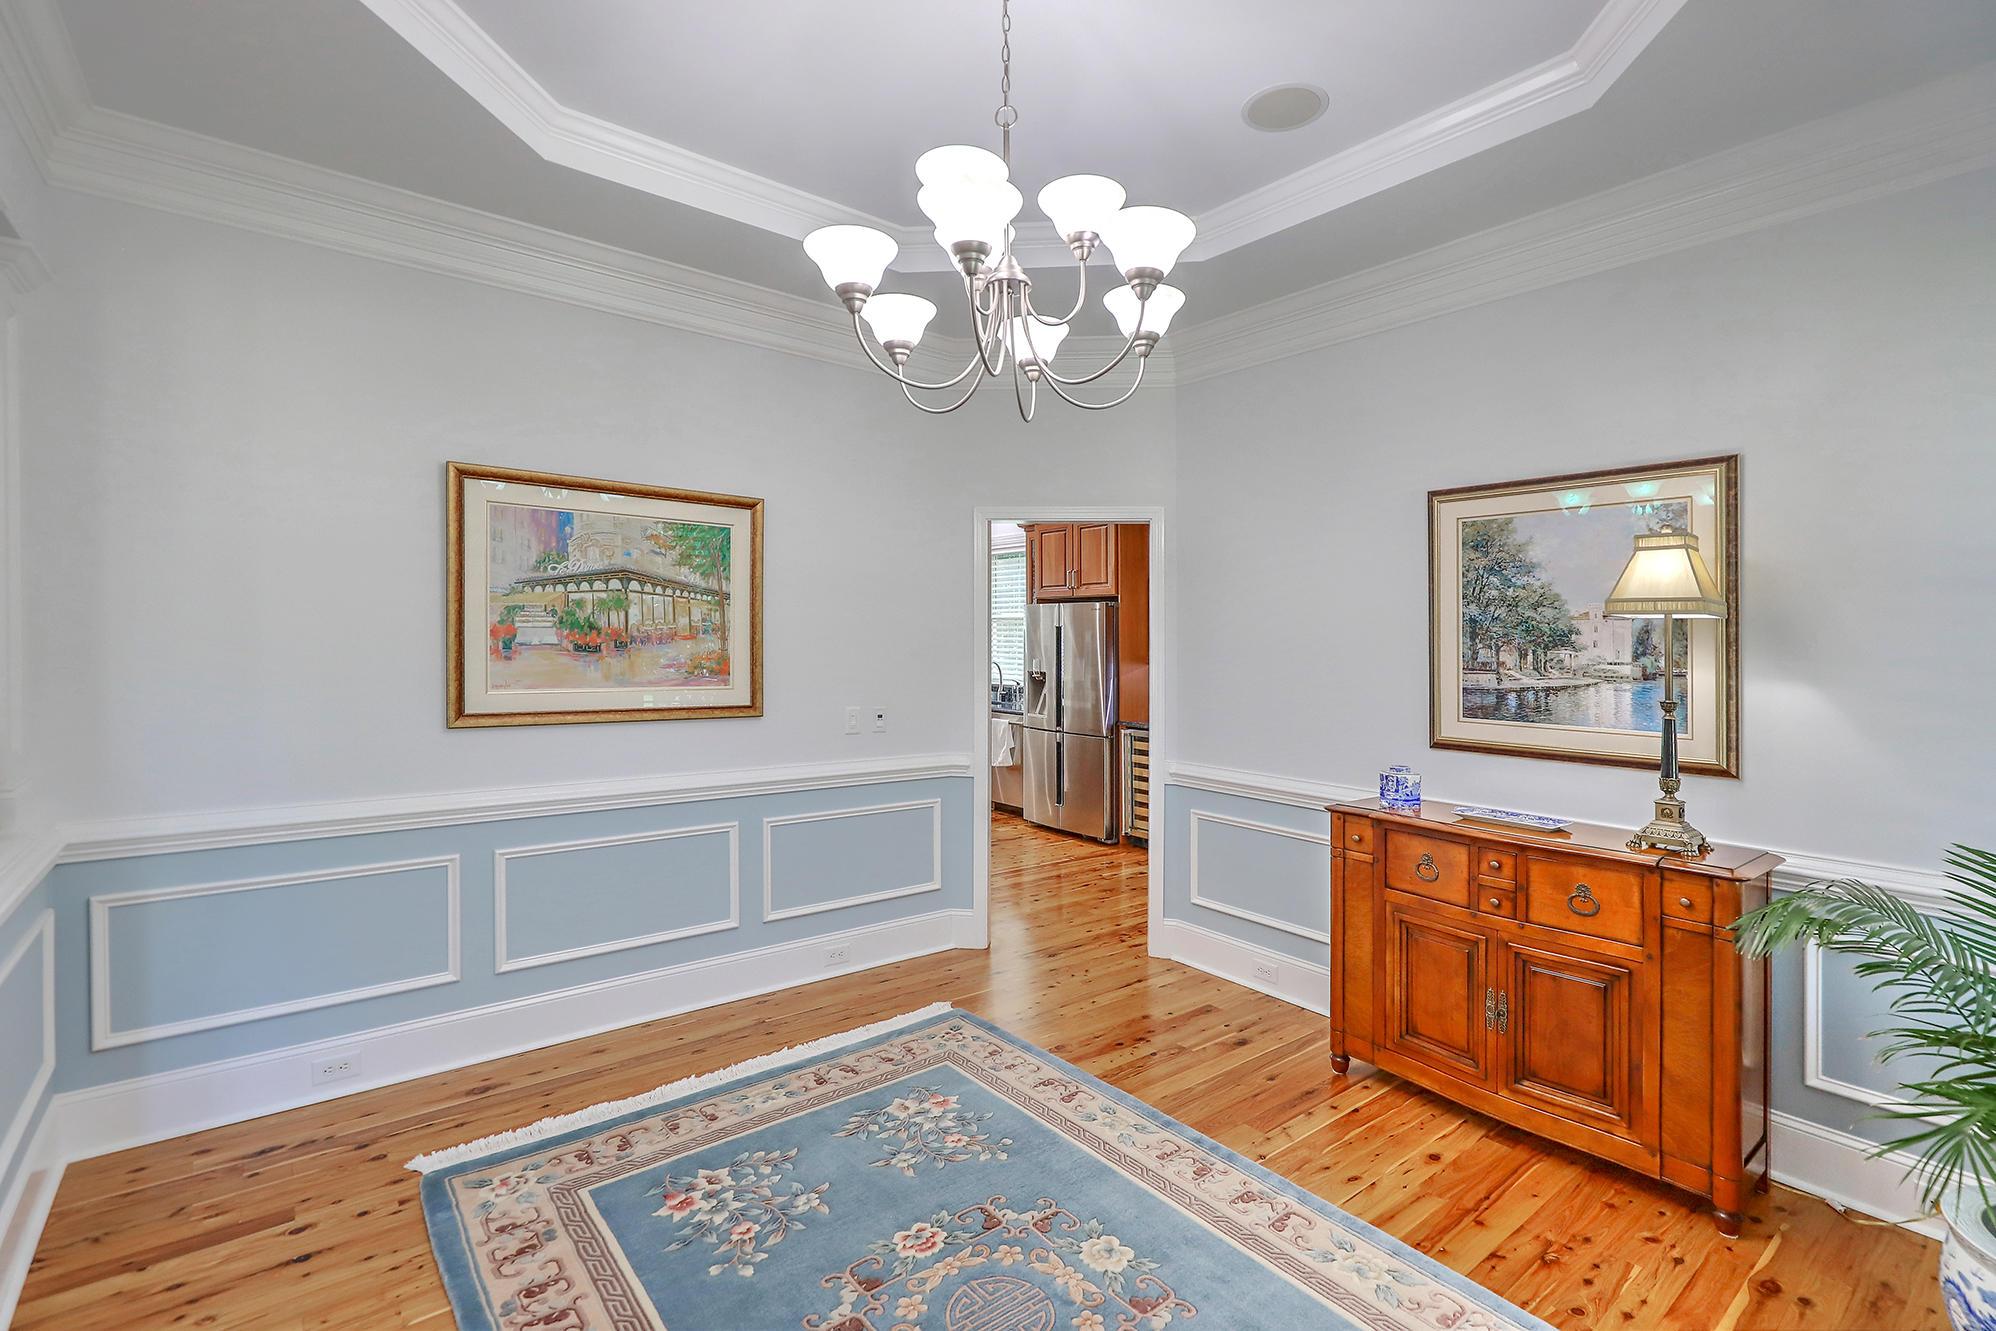 Park West Homes For Sale - 2108 Malcolm, Mount Pleasant, SC - 35